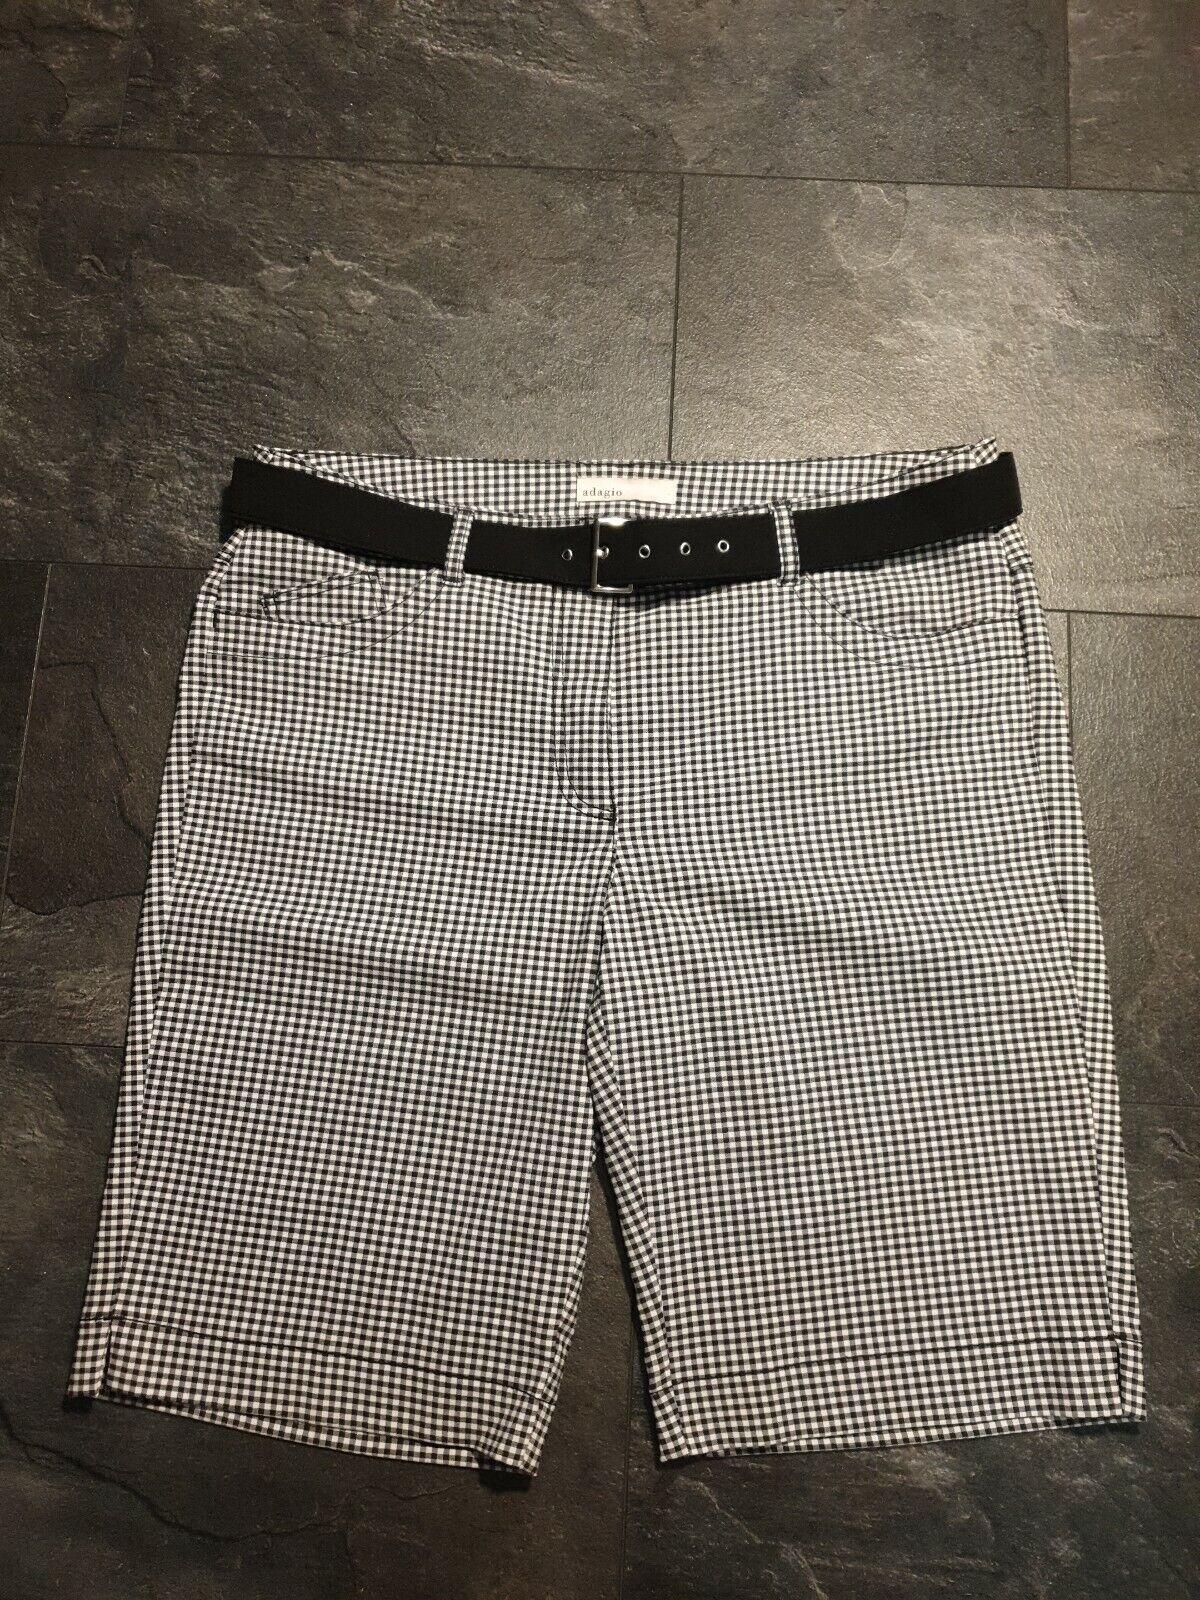 adagio Bermudashorts & Shorts gr.44/L kariert neu ohne Etikett weiß/ schwarz